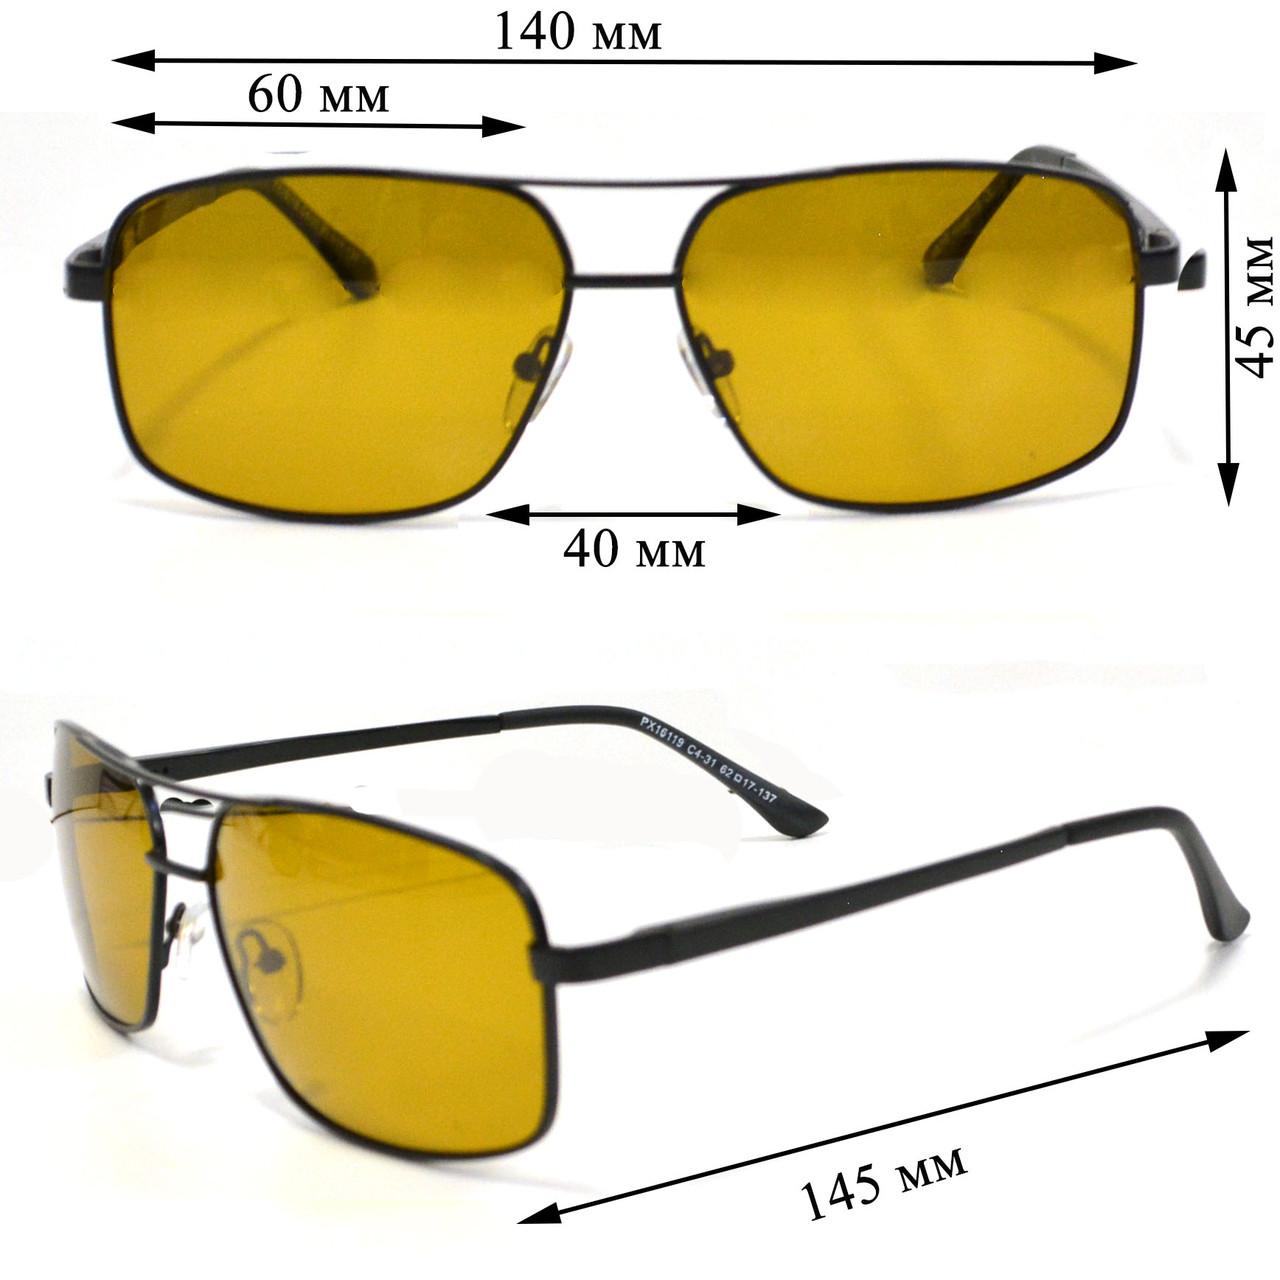 Солнцезащитные поляризационные очки ПОЛАРОИД UV400 тонкая сдвоенная оправа коричневые стекла АВТО PX16119 - фото 2